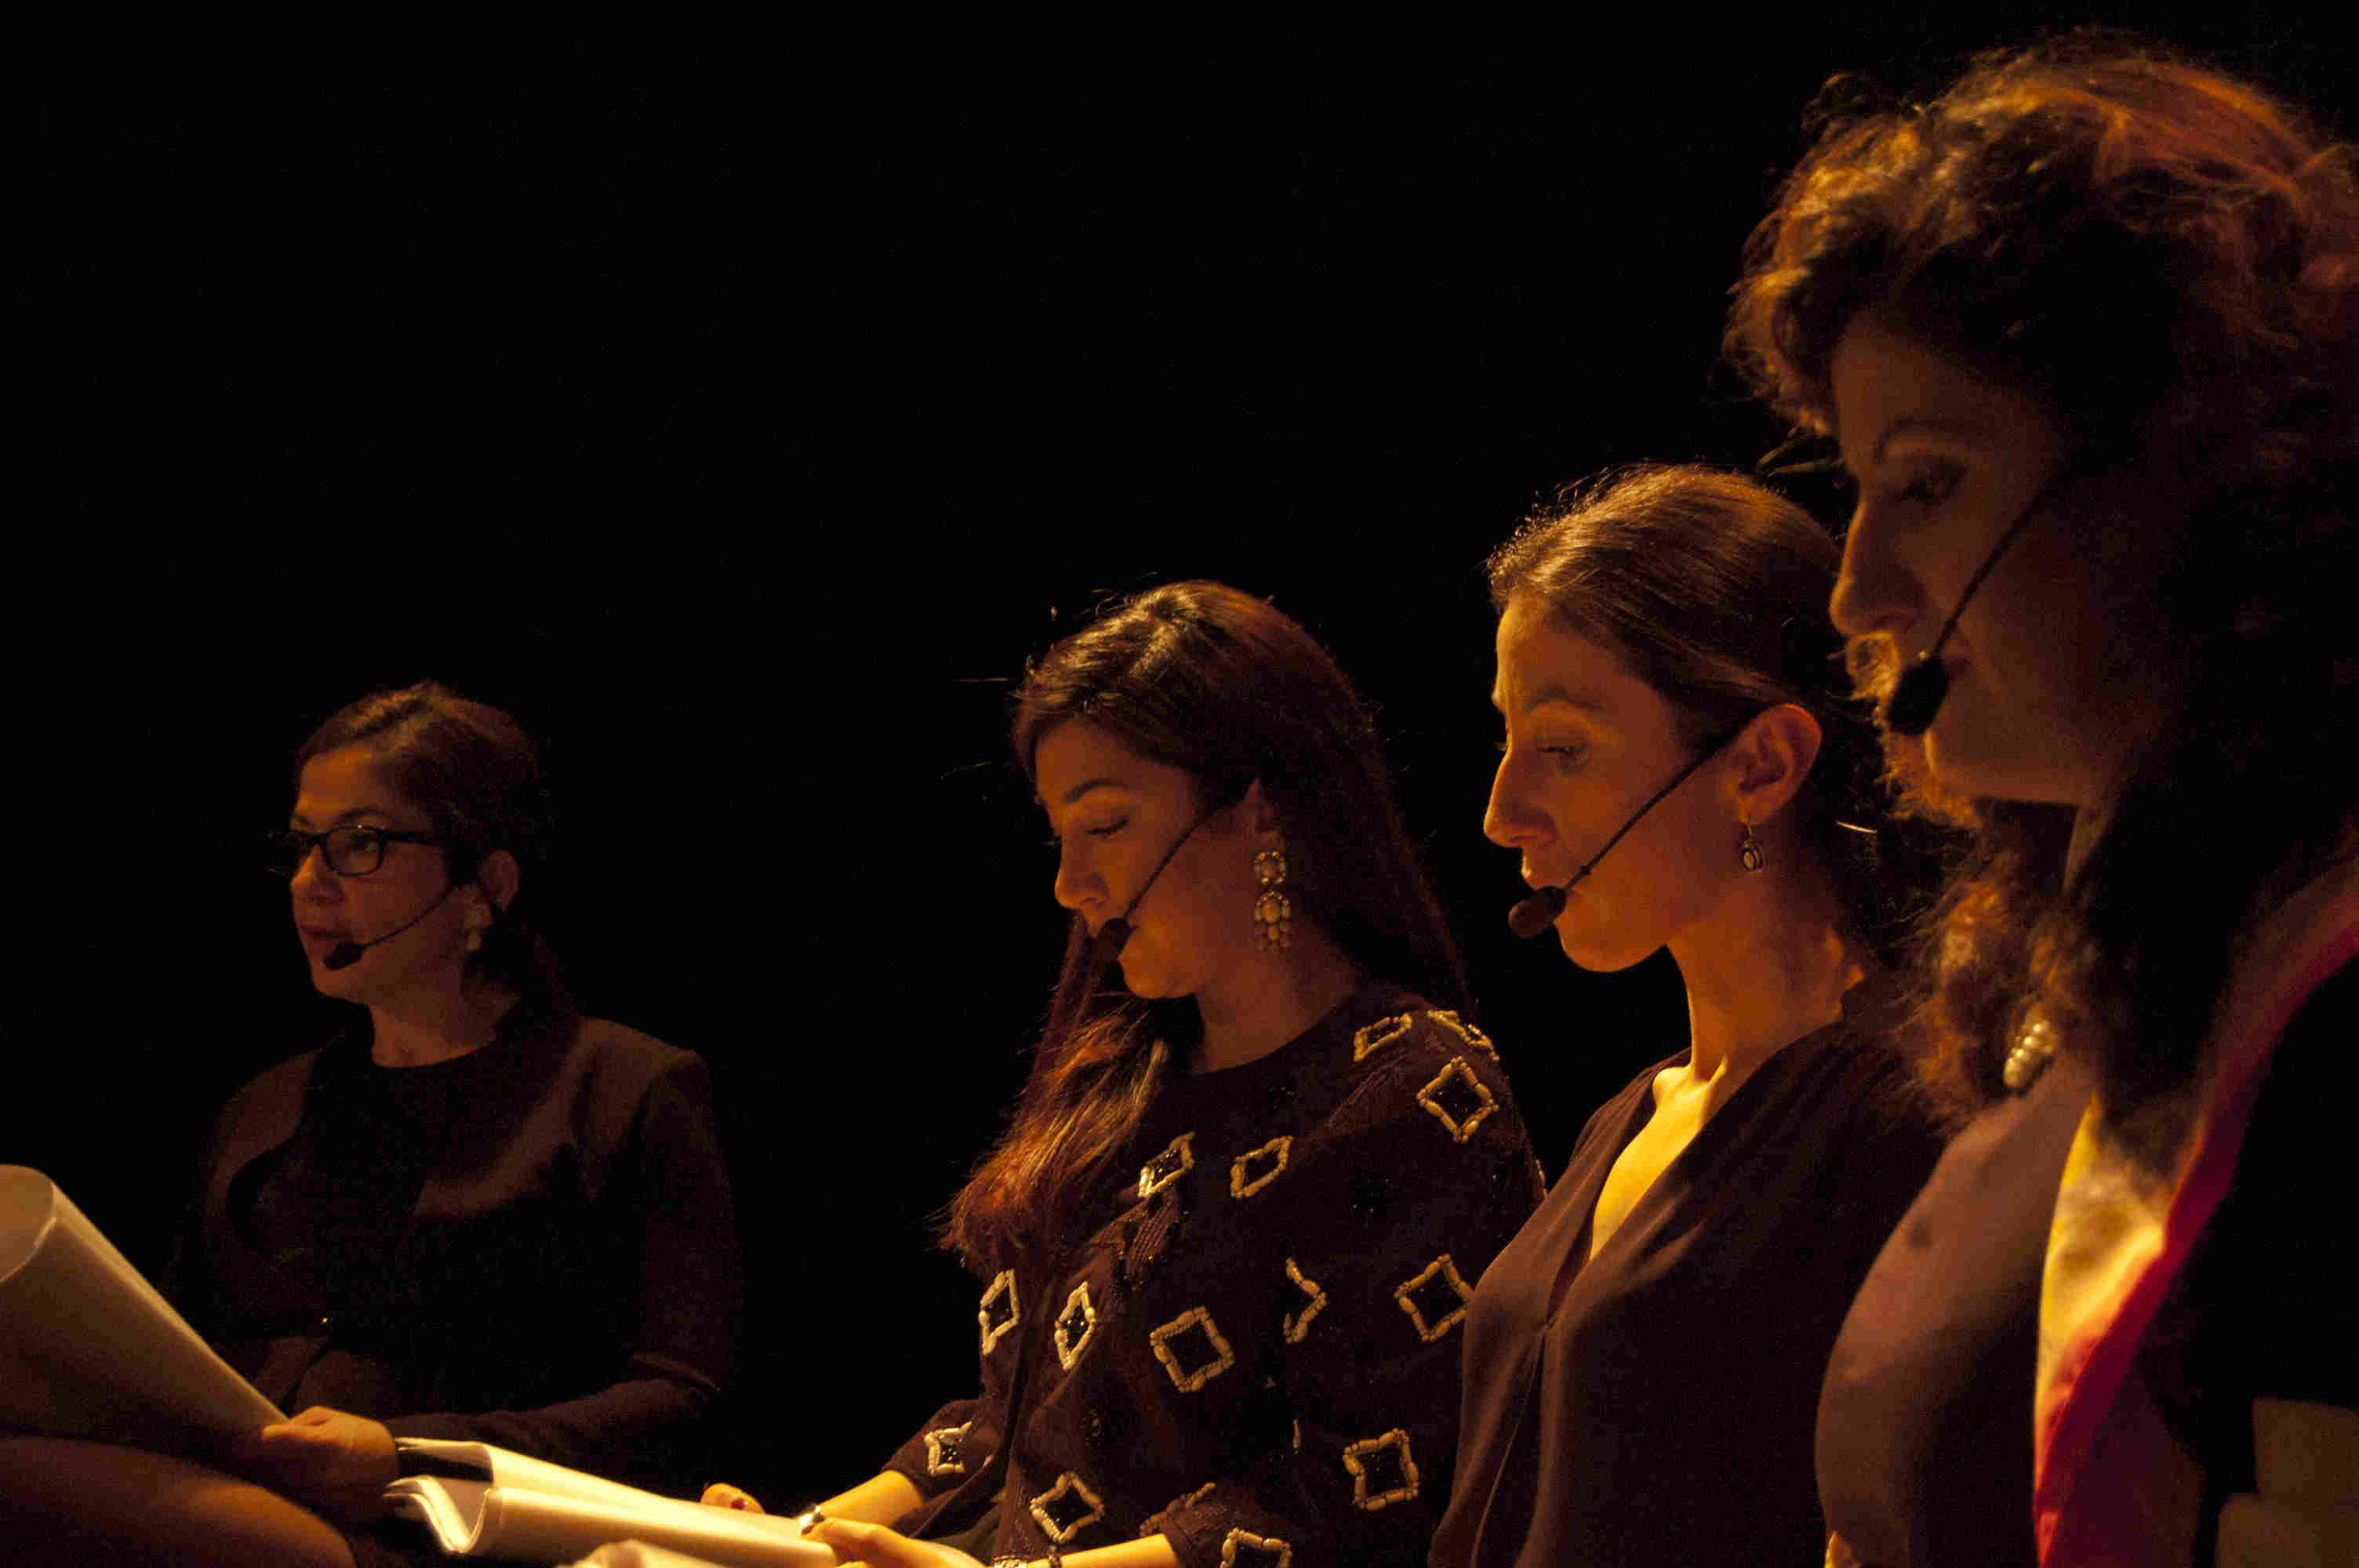 Foto på, från vänster: Gulan Avci, ordförande för liberala kvinnoförbundet, Lawen Redar, riksdagsledamot (S), Sîlan Diljen, journalist och gruppchef på Sveriges Radio, och Nişti Sterk, skådespelerska. Foto: Alex Valencia Rodallec